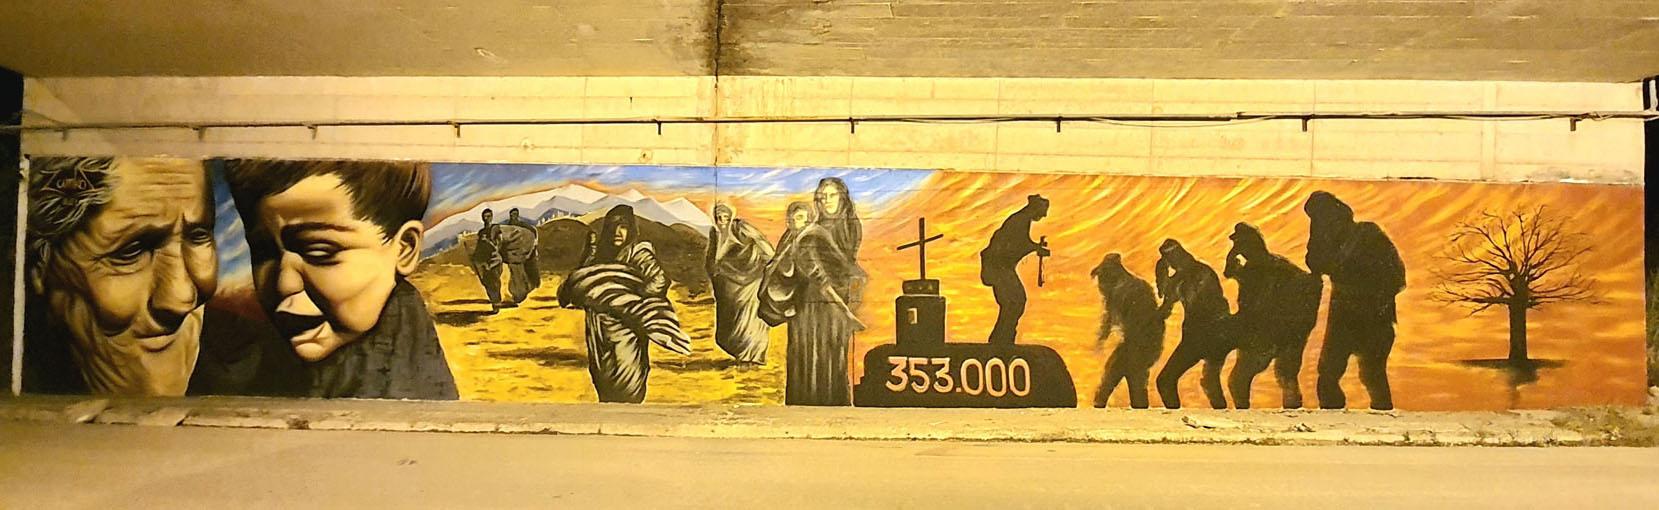 graffitti kozani genoktonia 1